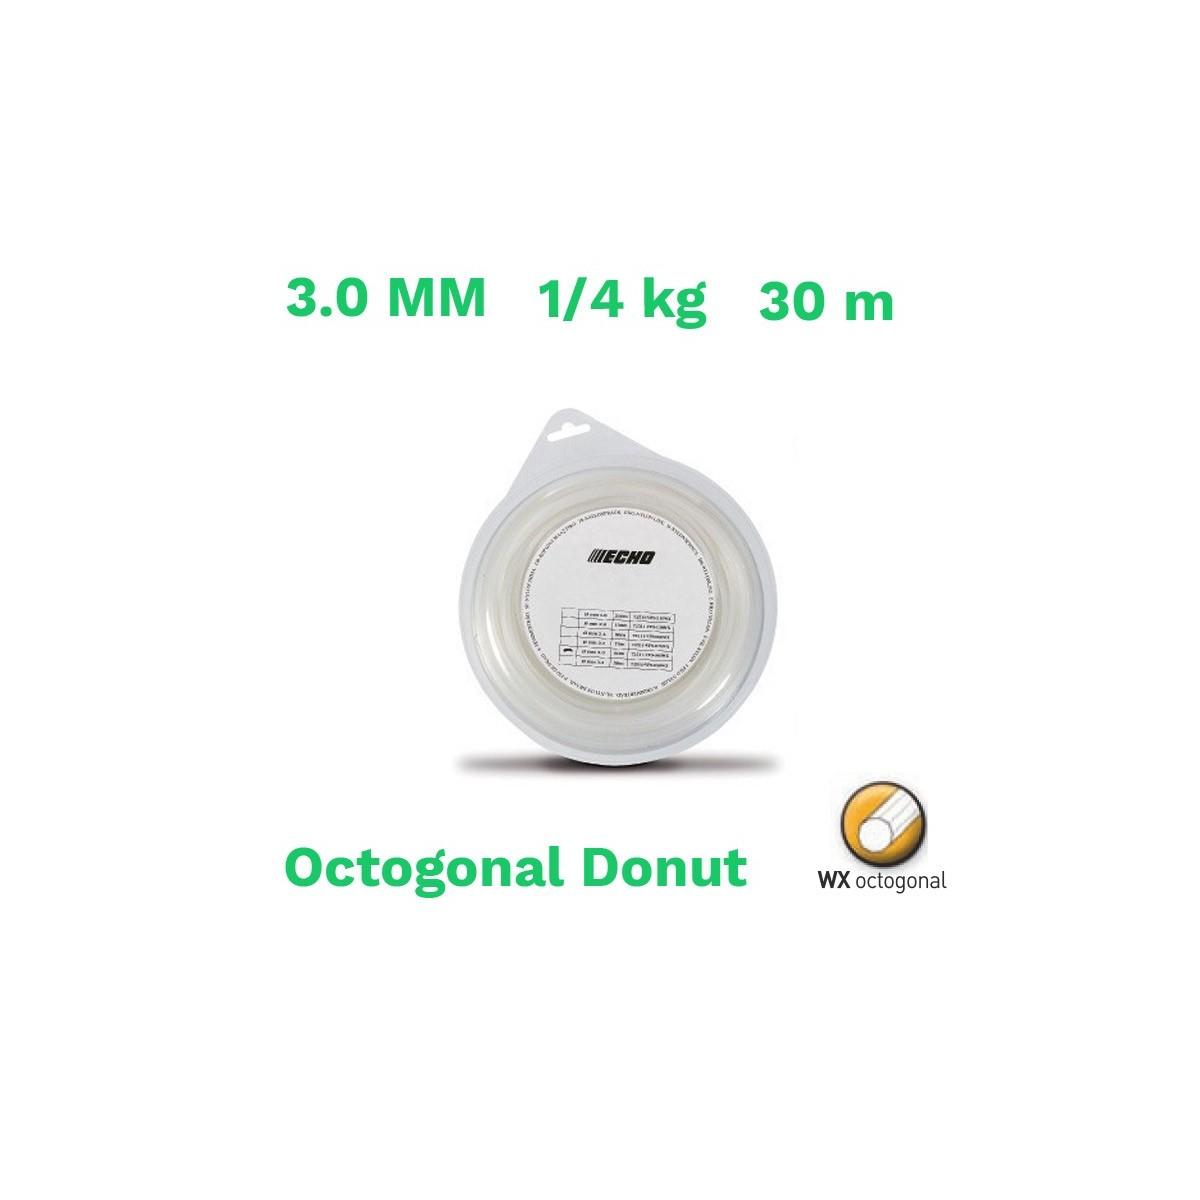 Echo nilo nylon octogonal donut 3.0 mm 1/4 kg 30 m